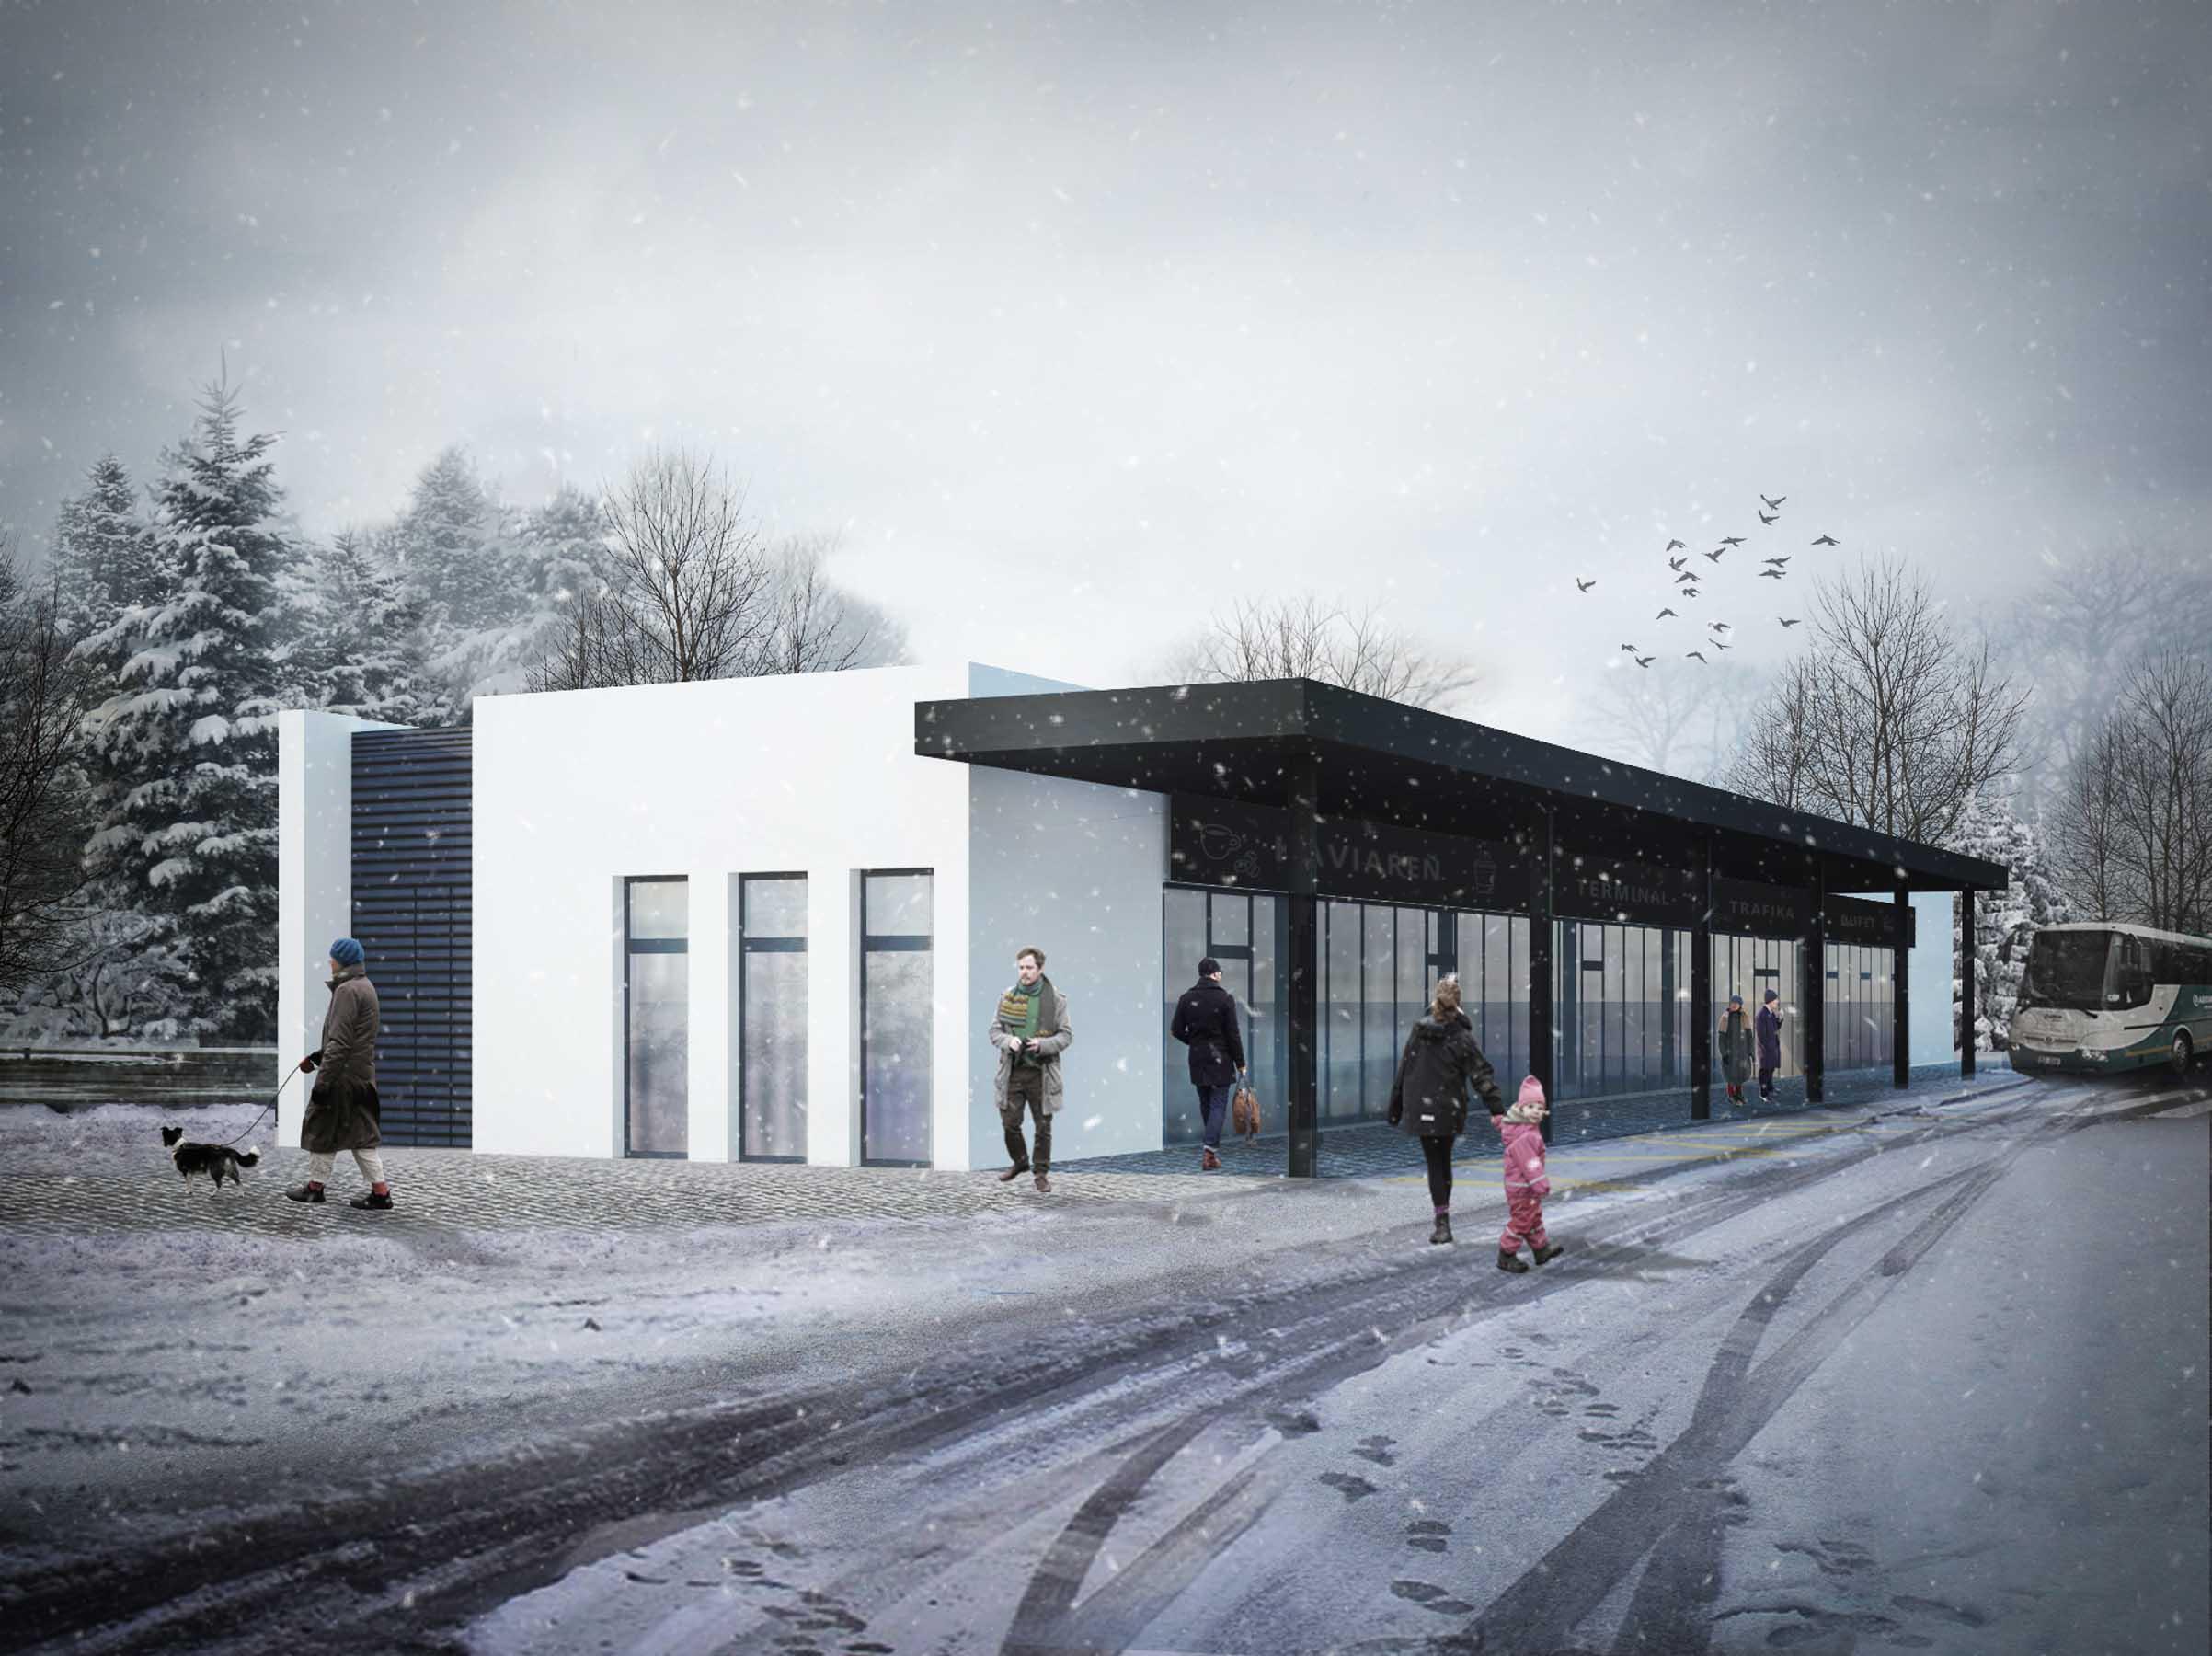 Terminál autobusovej stanice, Piešťany - Vizualizácia